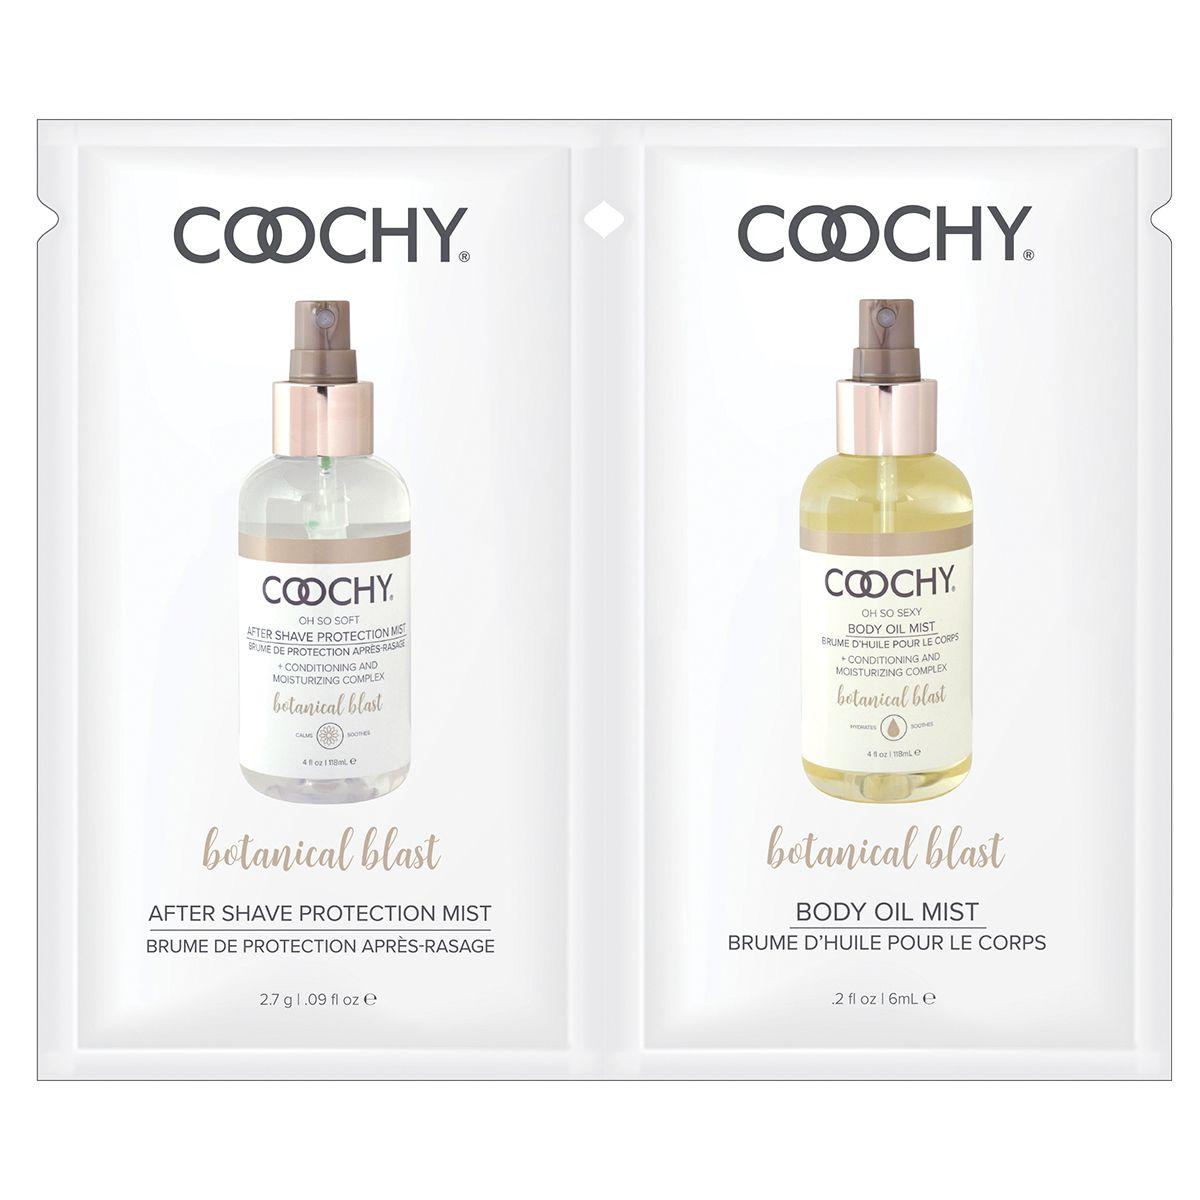 Набор - масло с феромонами и лосьон после бритья COOCHY BOTANTICAL BLAST - 6 мл. и 2,7 гр.